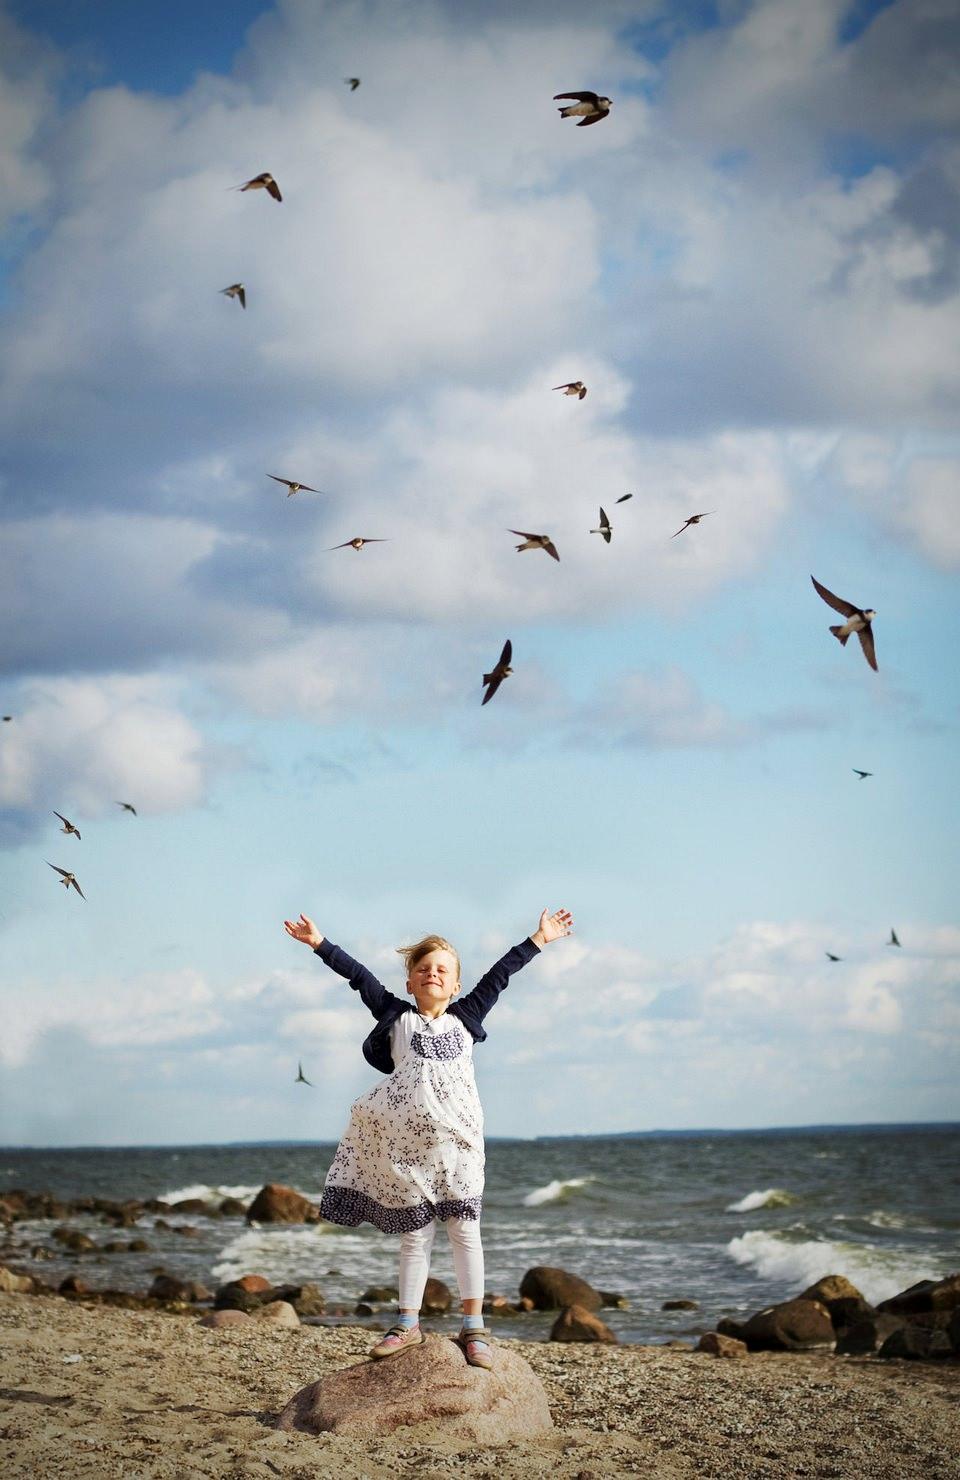 Ein Mädchen steht am Strand und streckt die Arme in die Höhe, darüber fliegen Vögel.